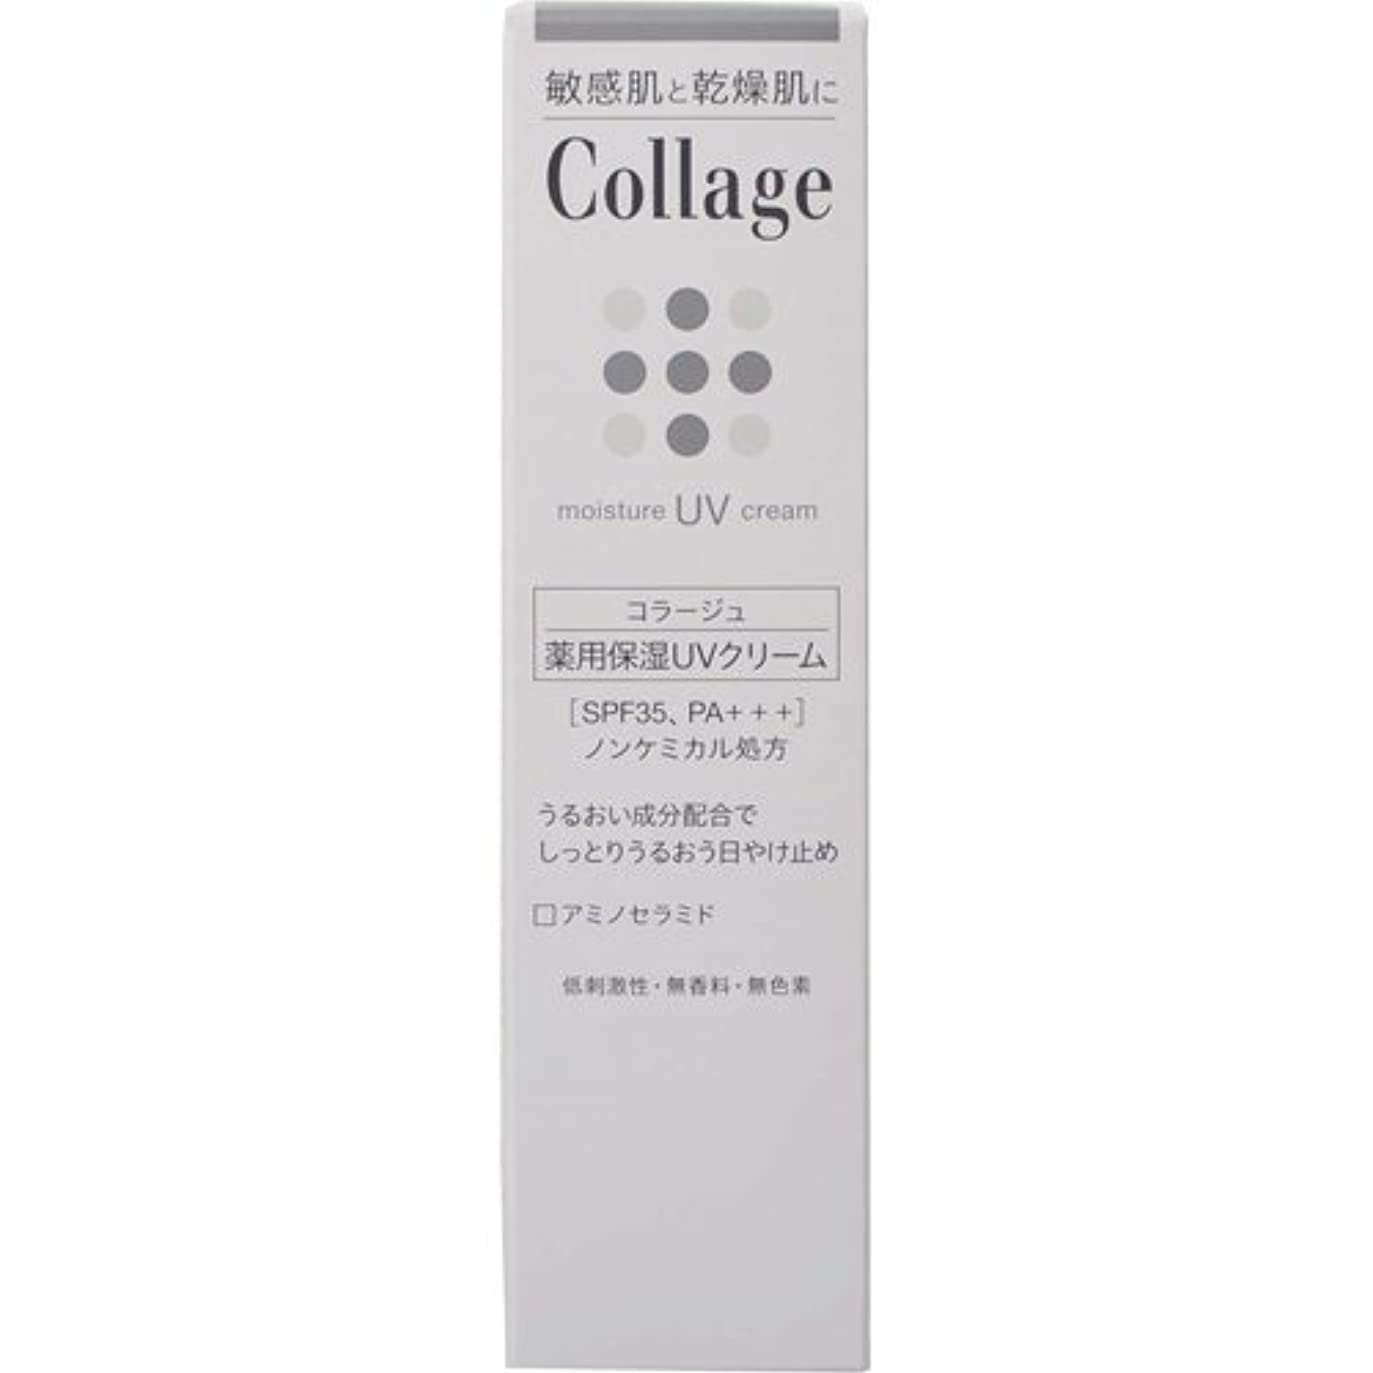 水分思いやり気づくなるコラージュ 薬用保湿UVクリーム 30g 【医薬部外品】